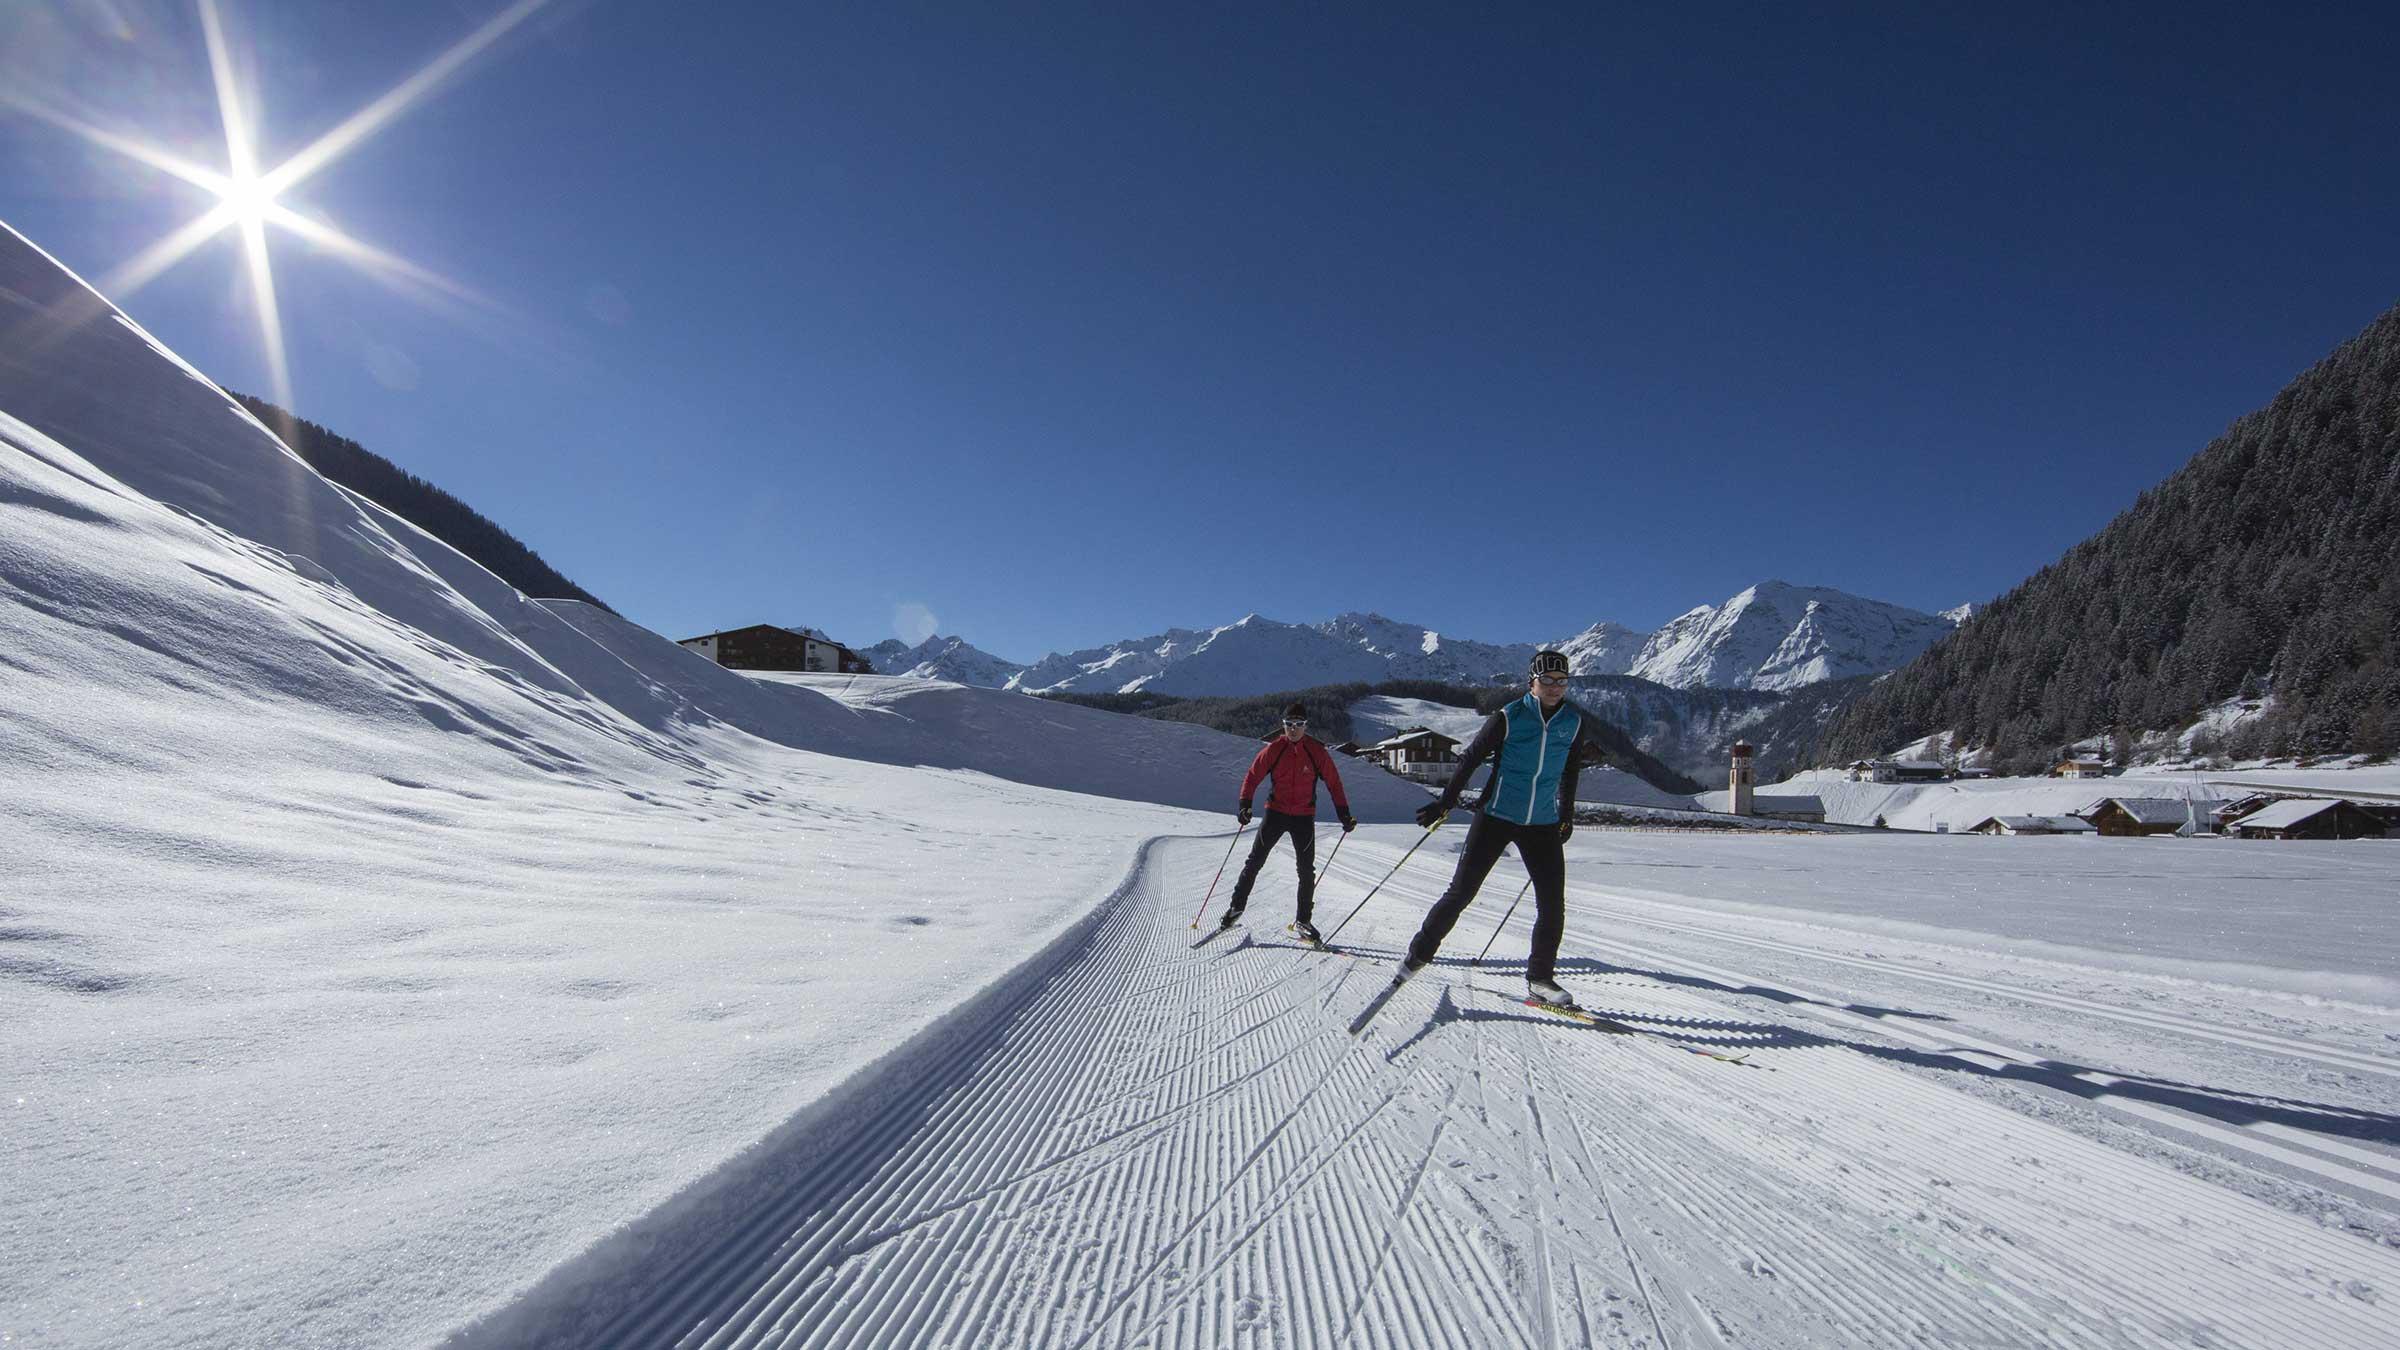 Langlaufen in Niederthai - Niederthai Card, Ötztal, Tirol